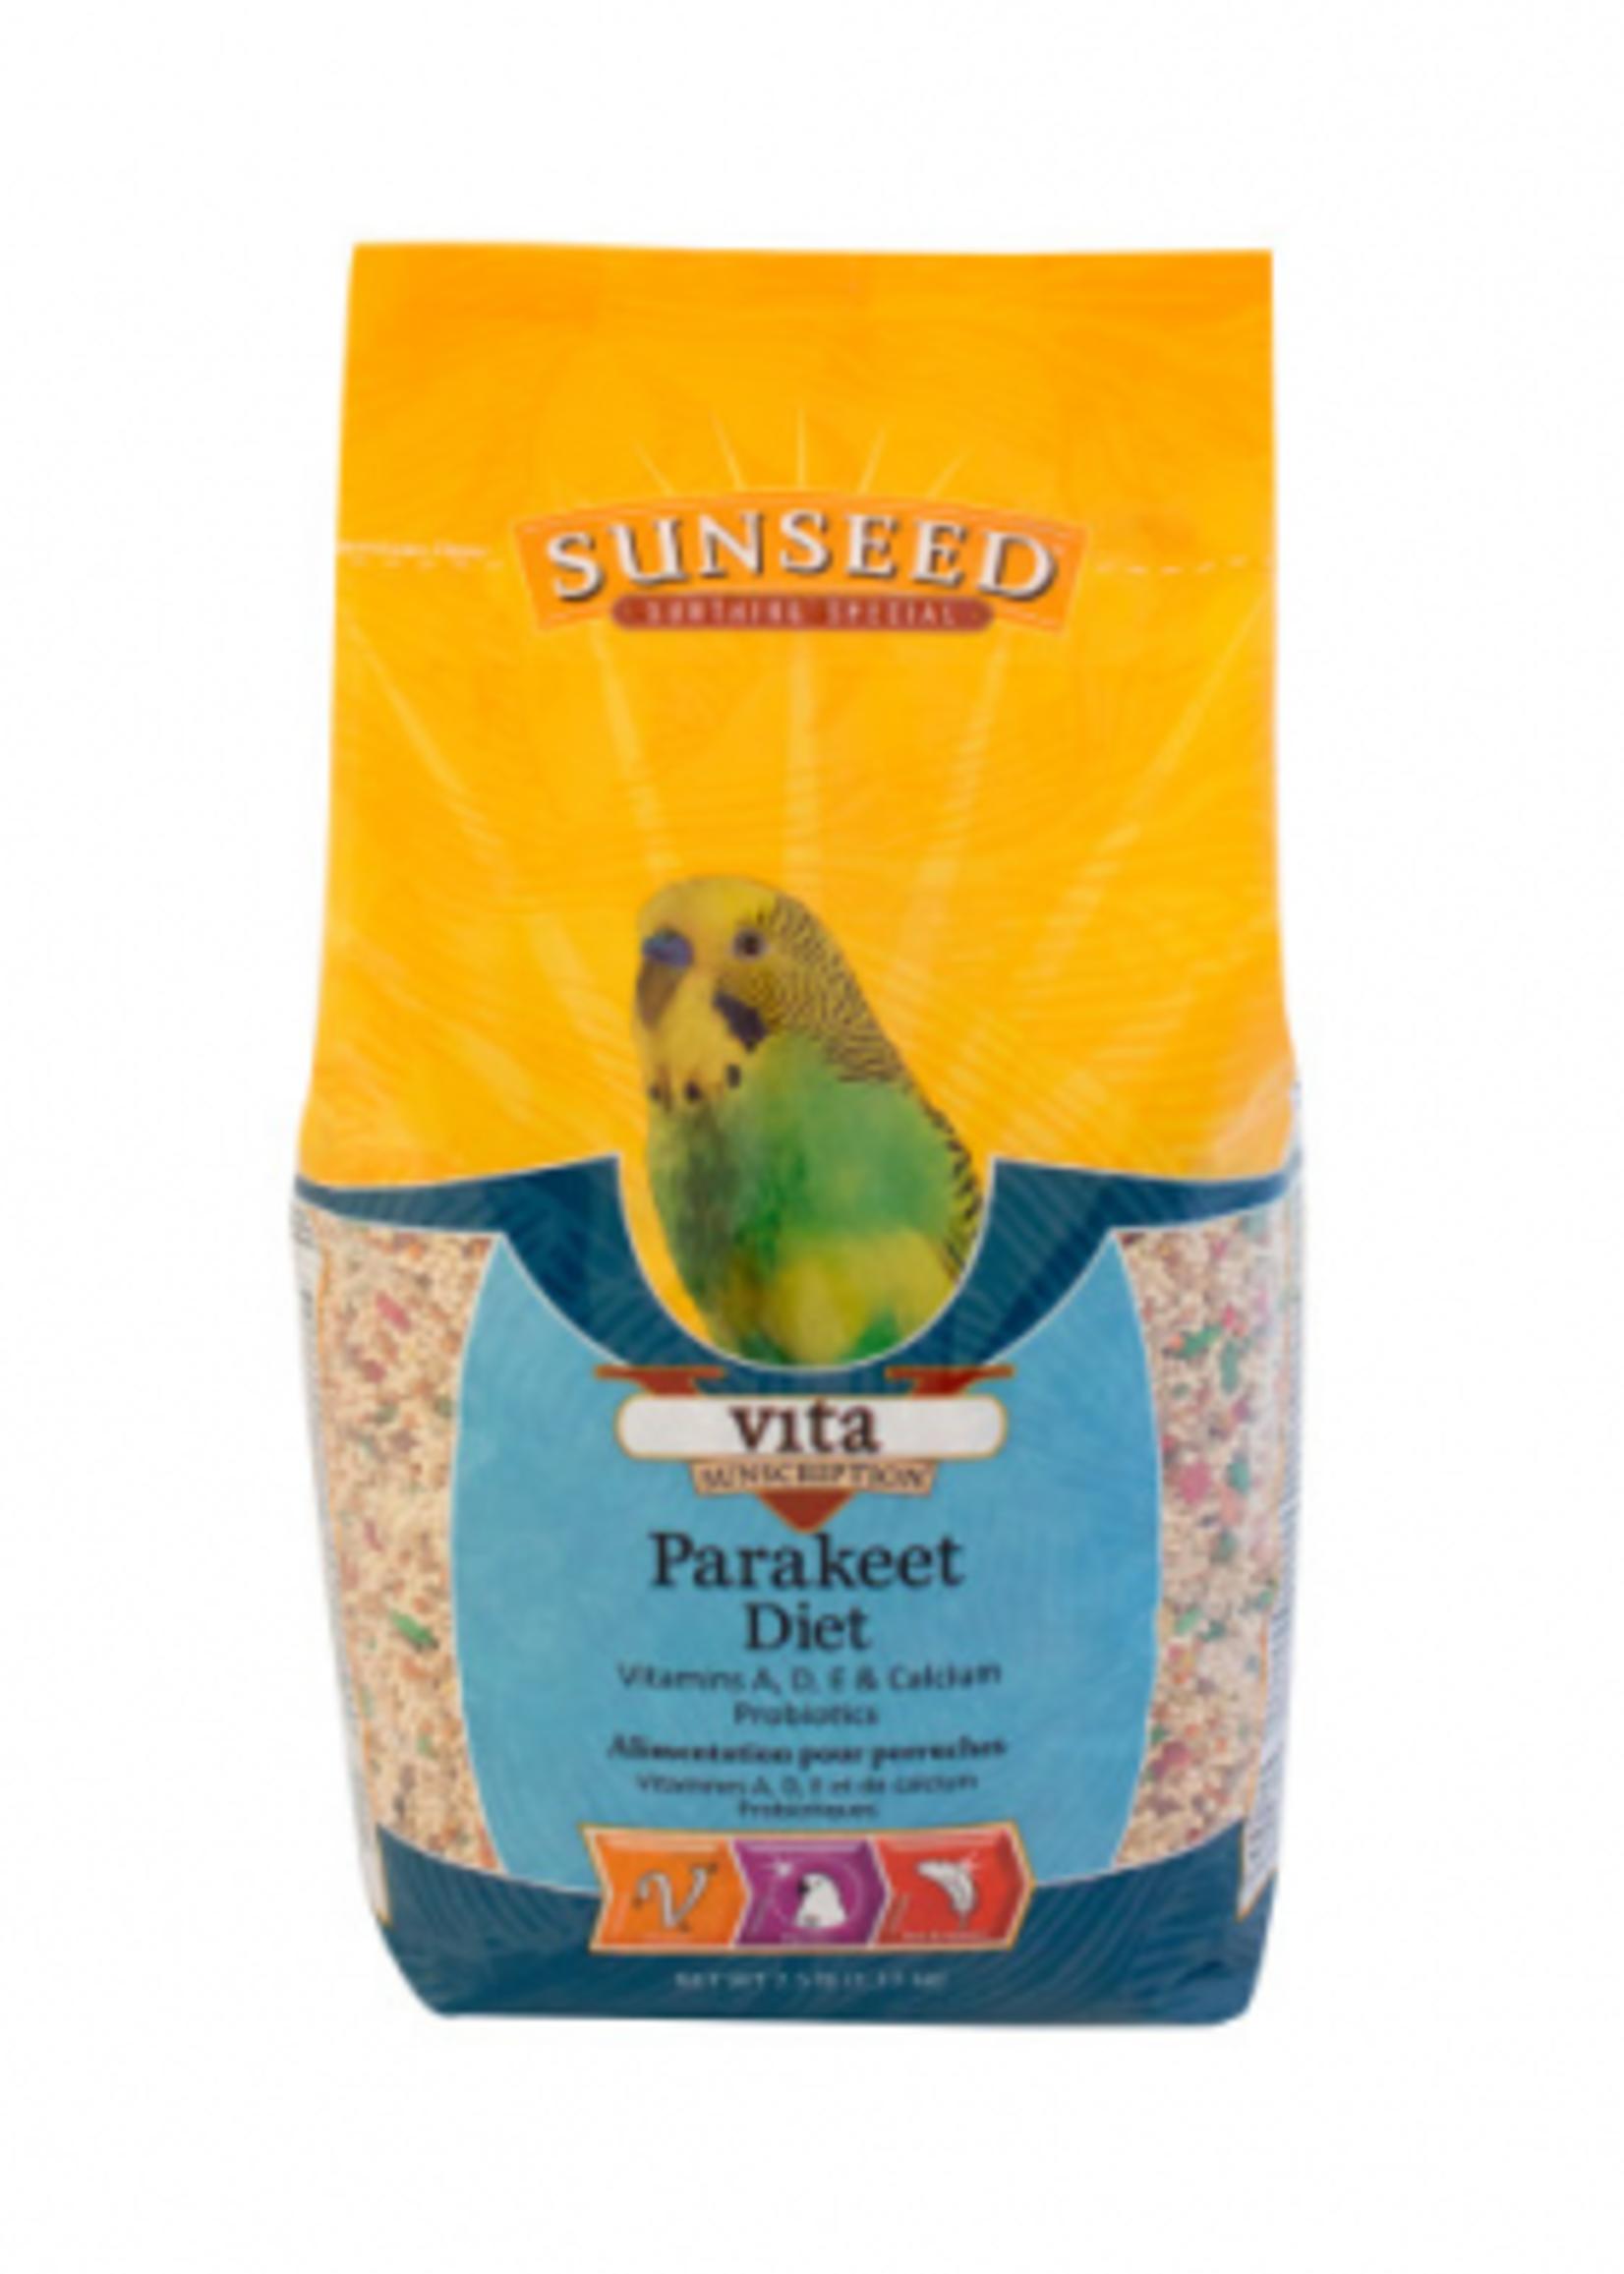 Sunseed® Sunseed Vita Sunscription® Parakeet Diet 2.5lbs